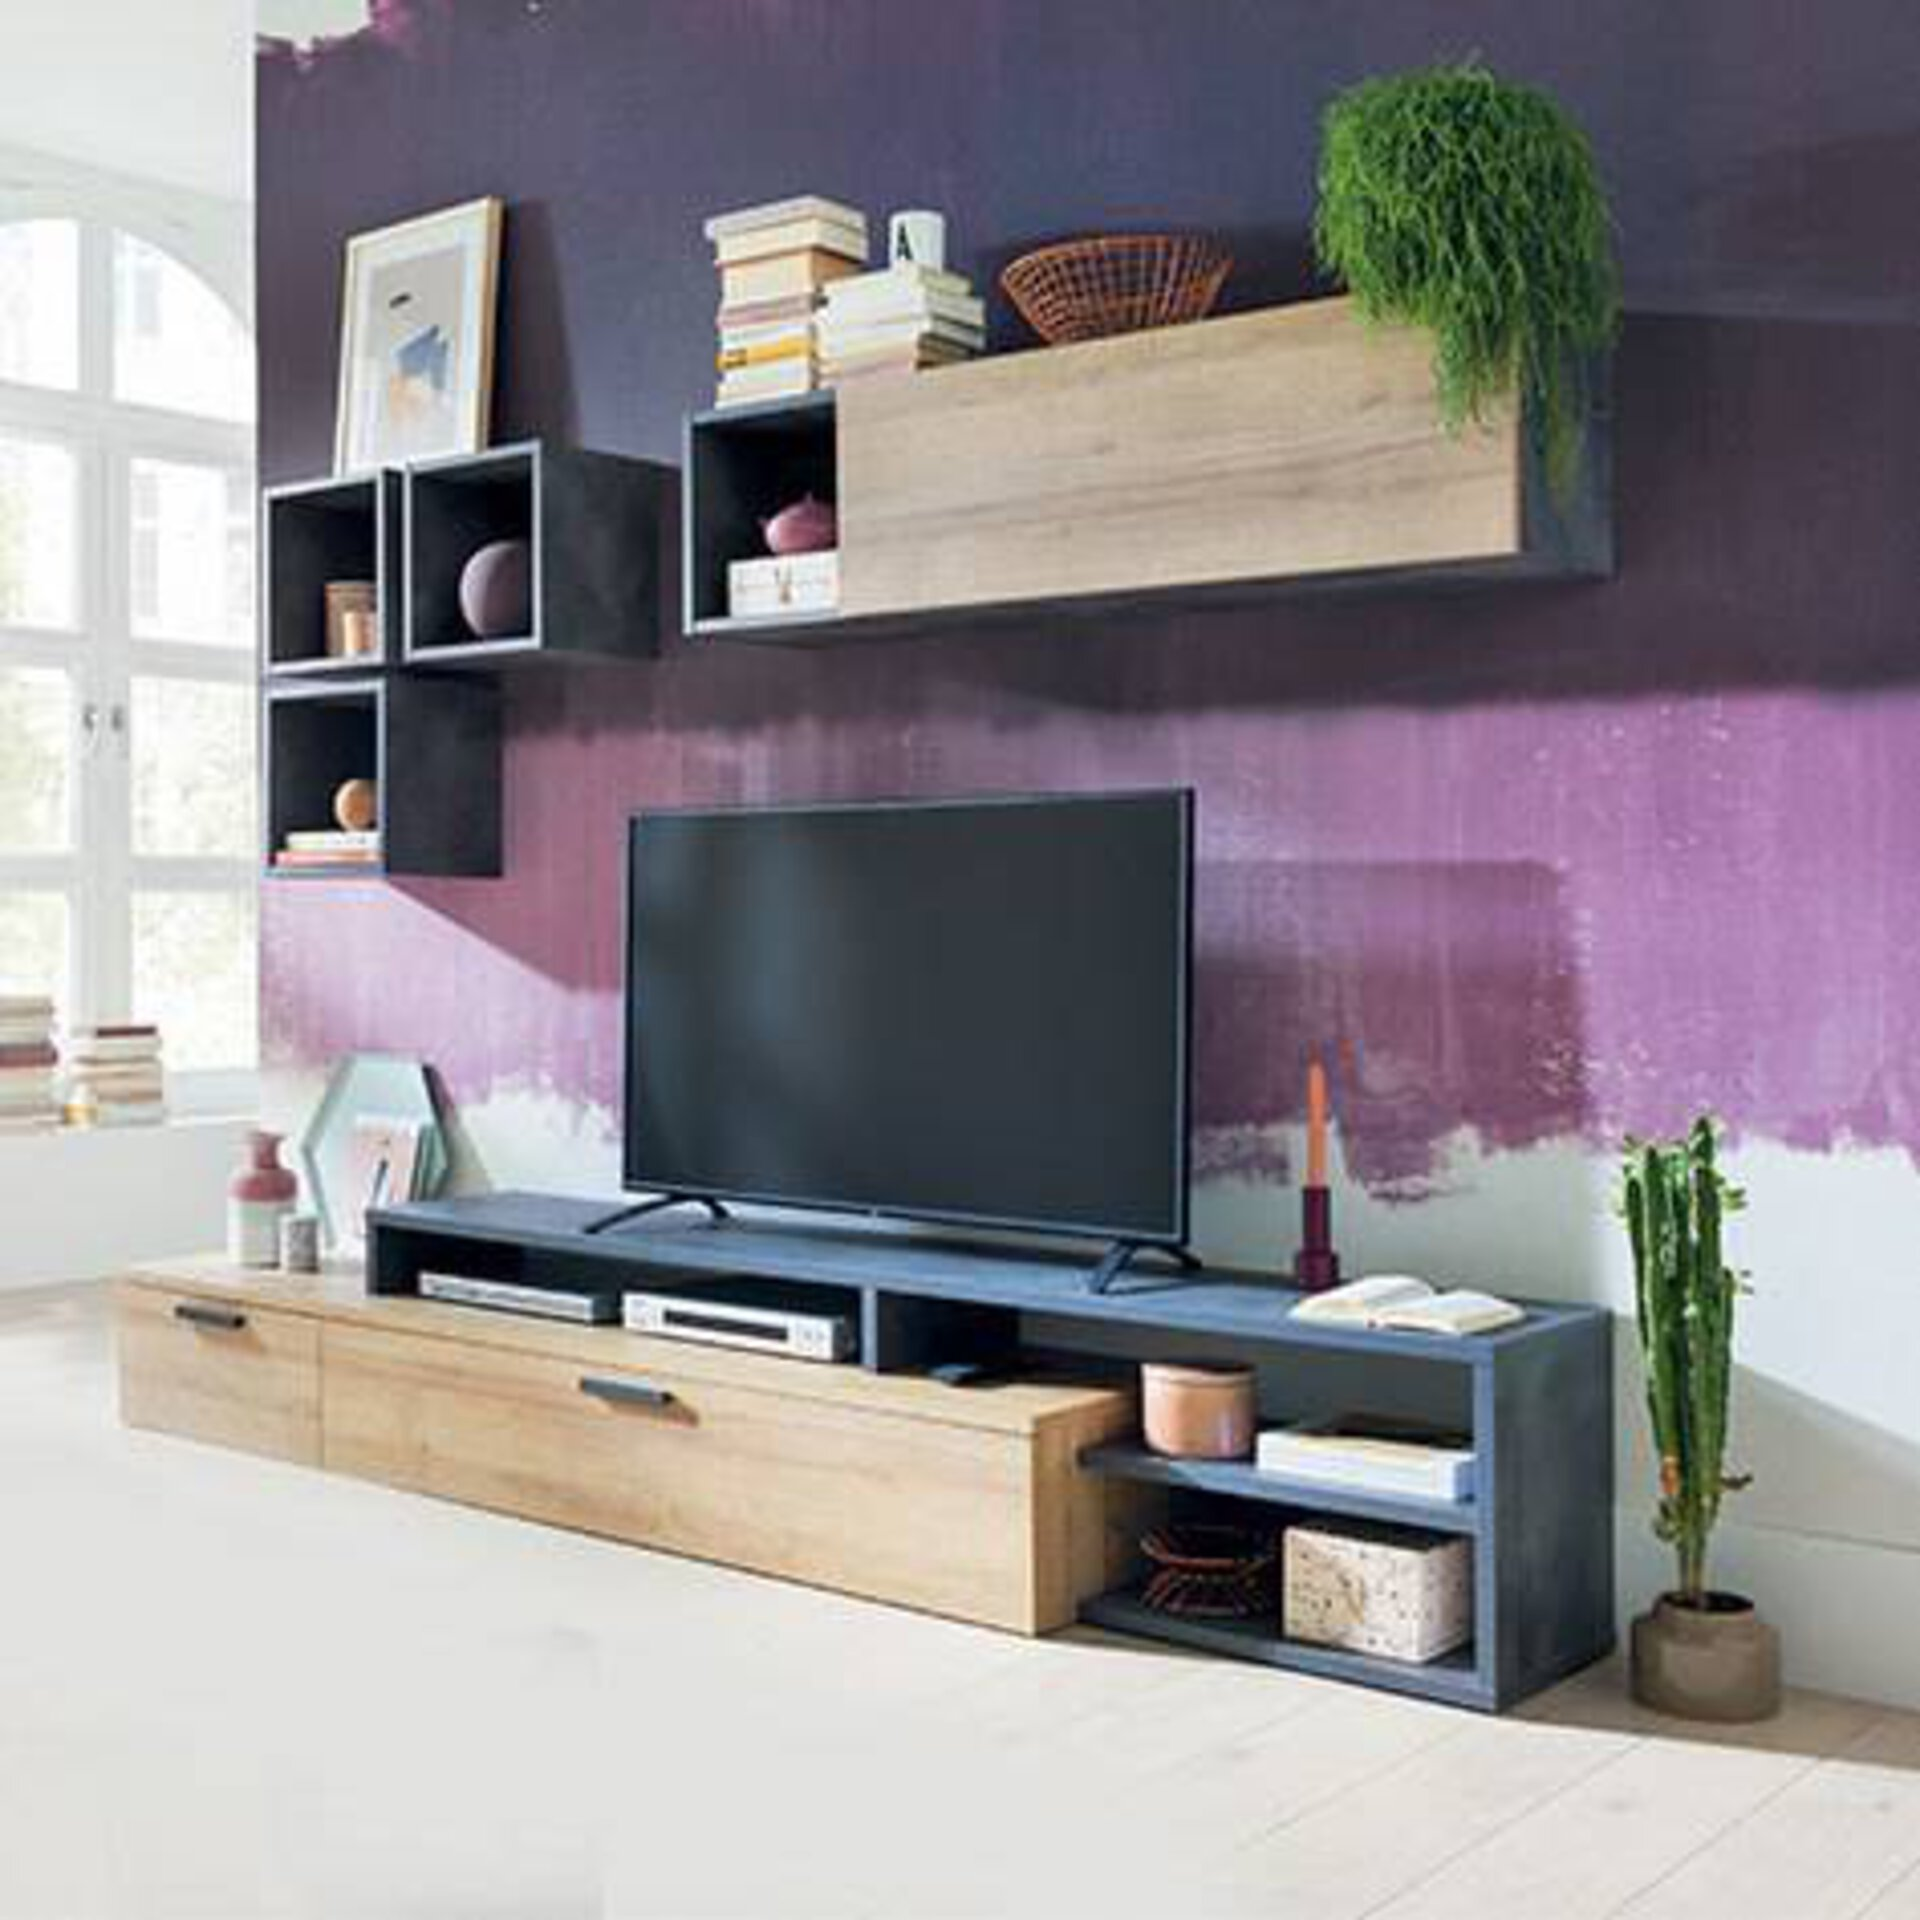 Die perfekte Wohnwand für lange Gaming Abende mit Freunden oder Familie